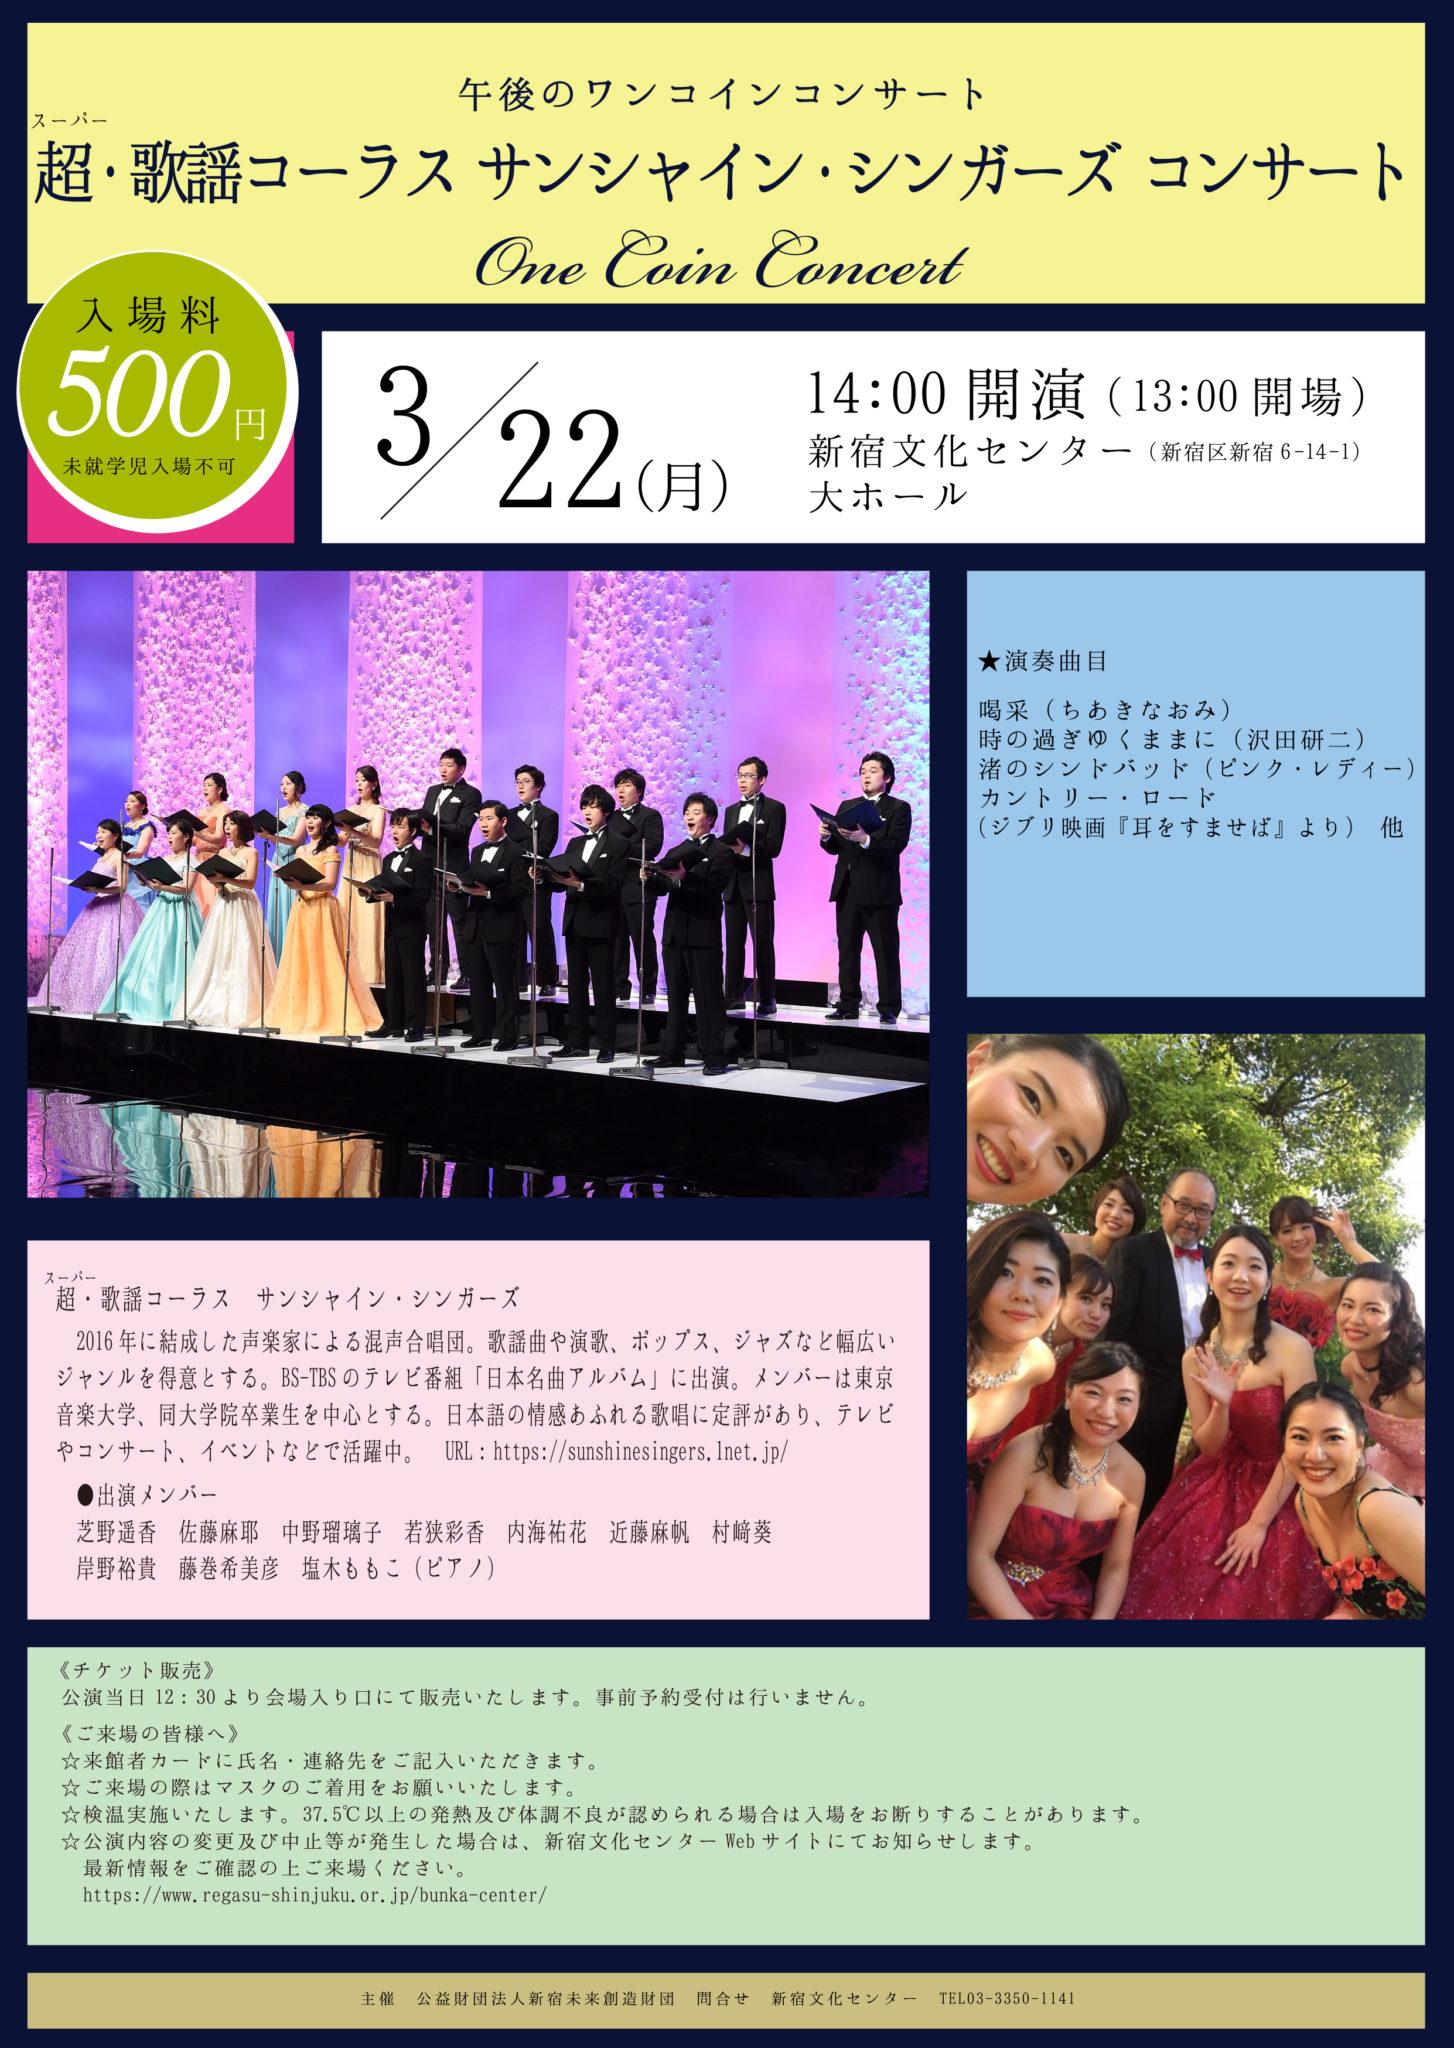 午後のワンコインコンサート ~超・歌謡コーラス サンシャイン・シンガーズ コンサート~